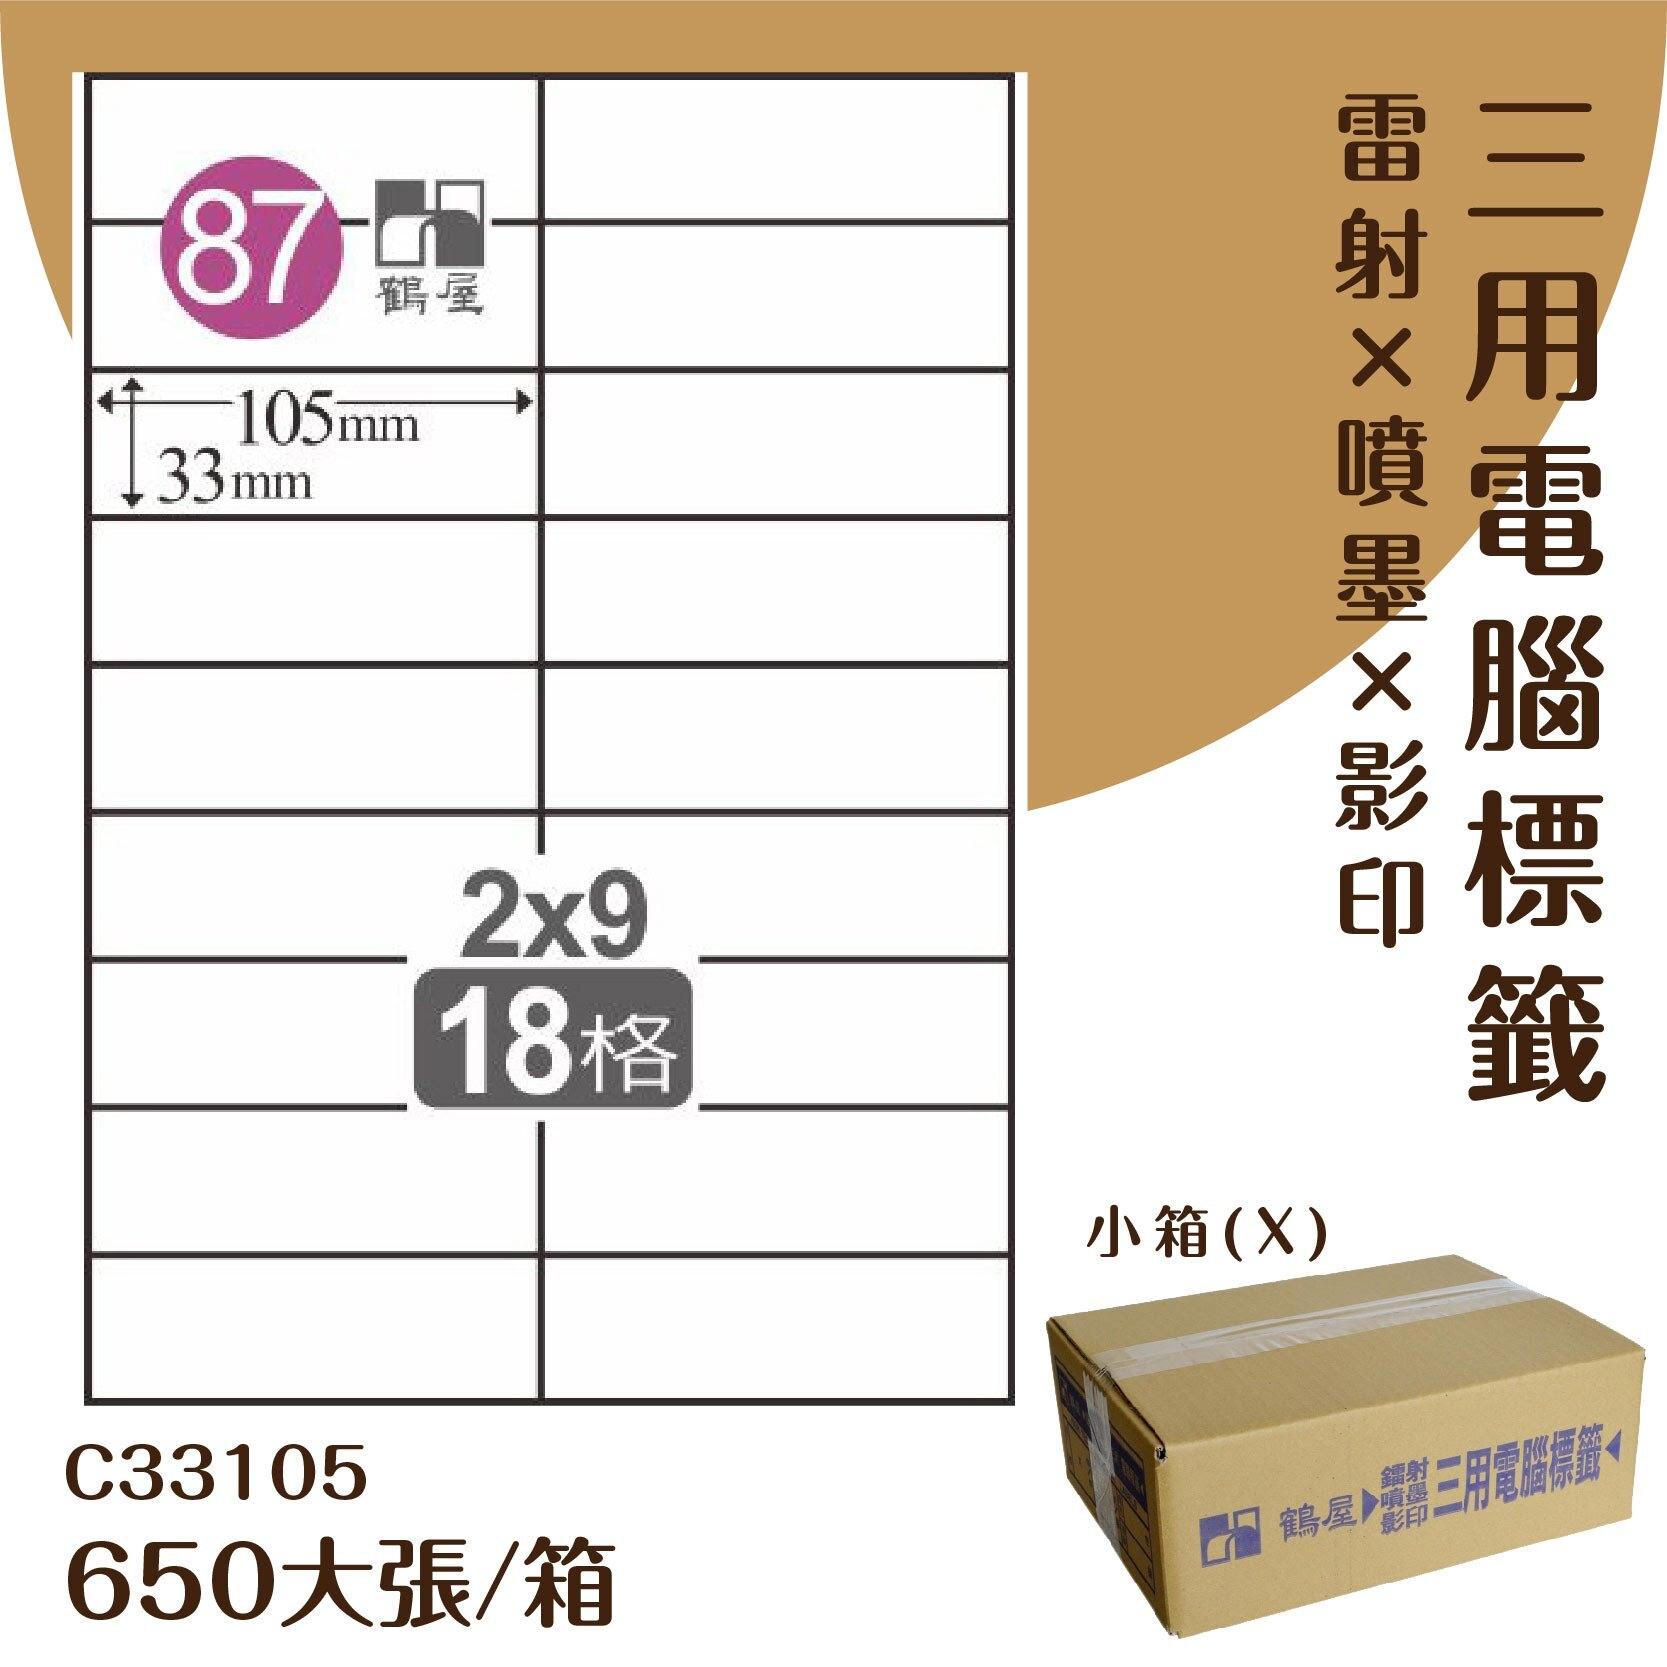 【優質好物】鶴屋 電腦標籤紙-白色 C33105 18格 650大張/小箱 (自黏貼紙/三用標籤/影印&雷射&噴墨)